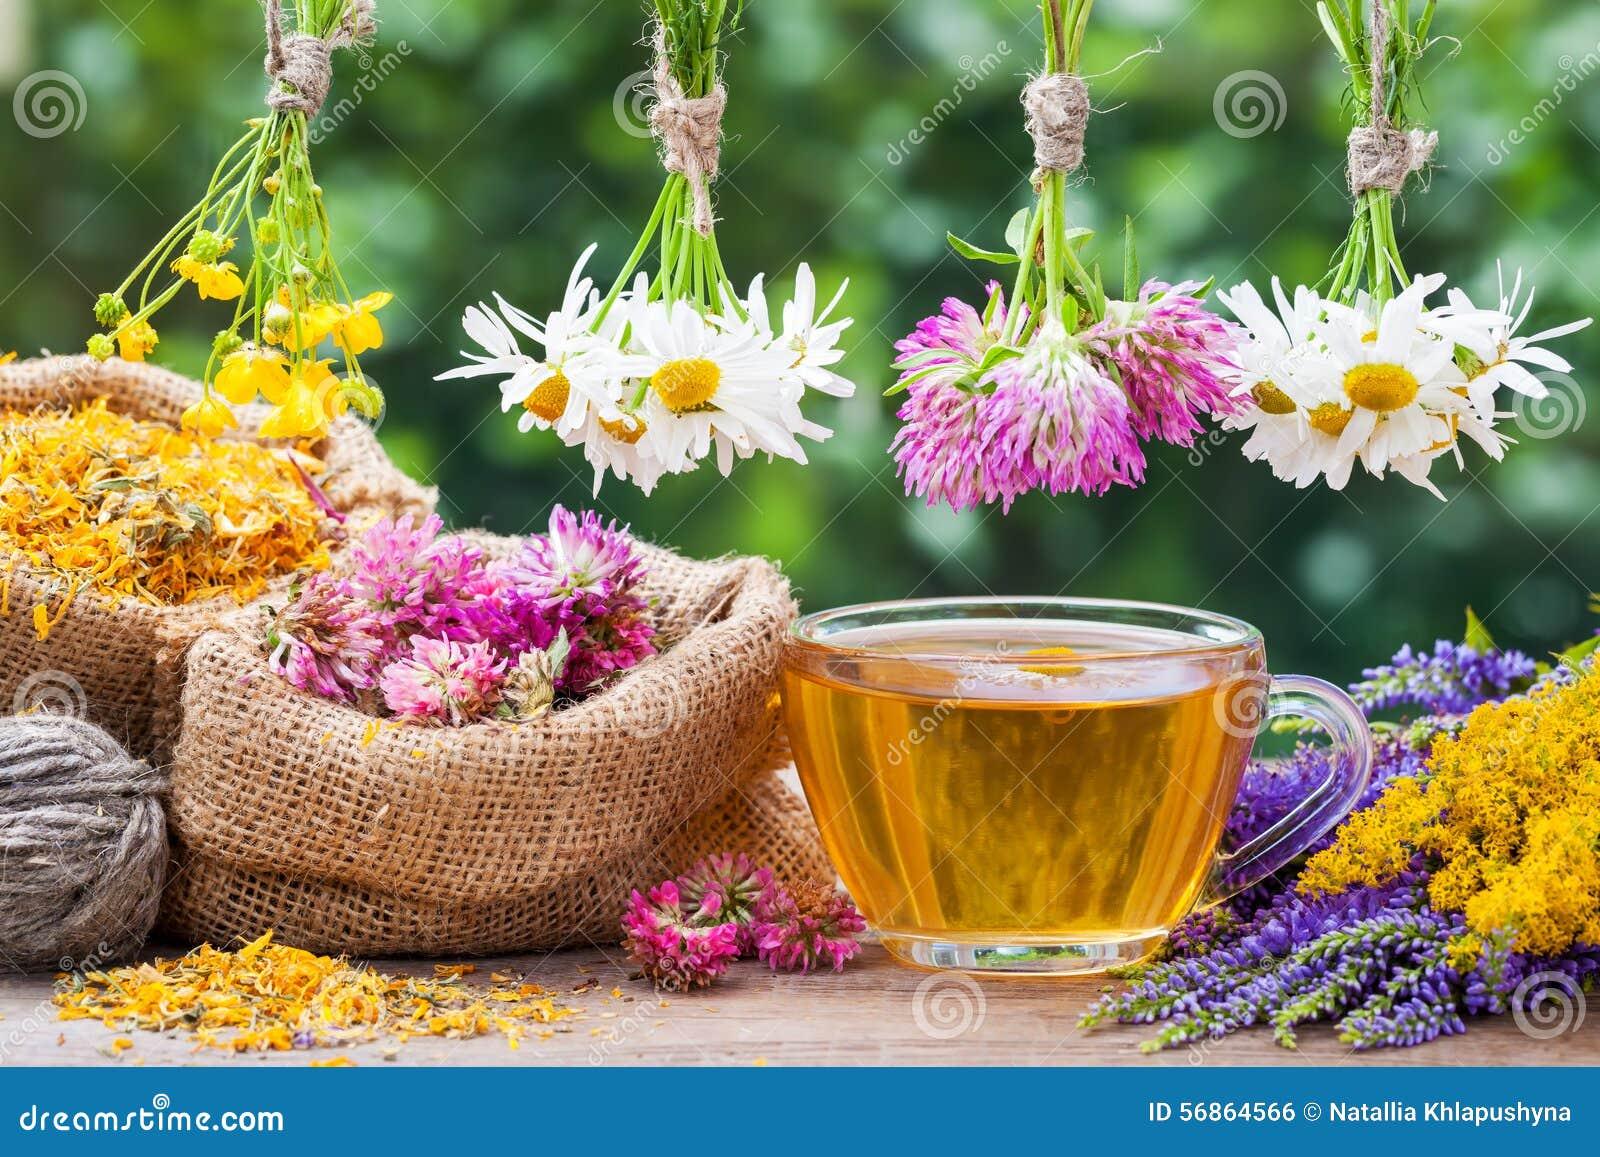 医治草本、袋子与干植物和茶杯